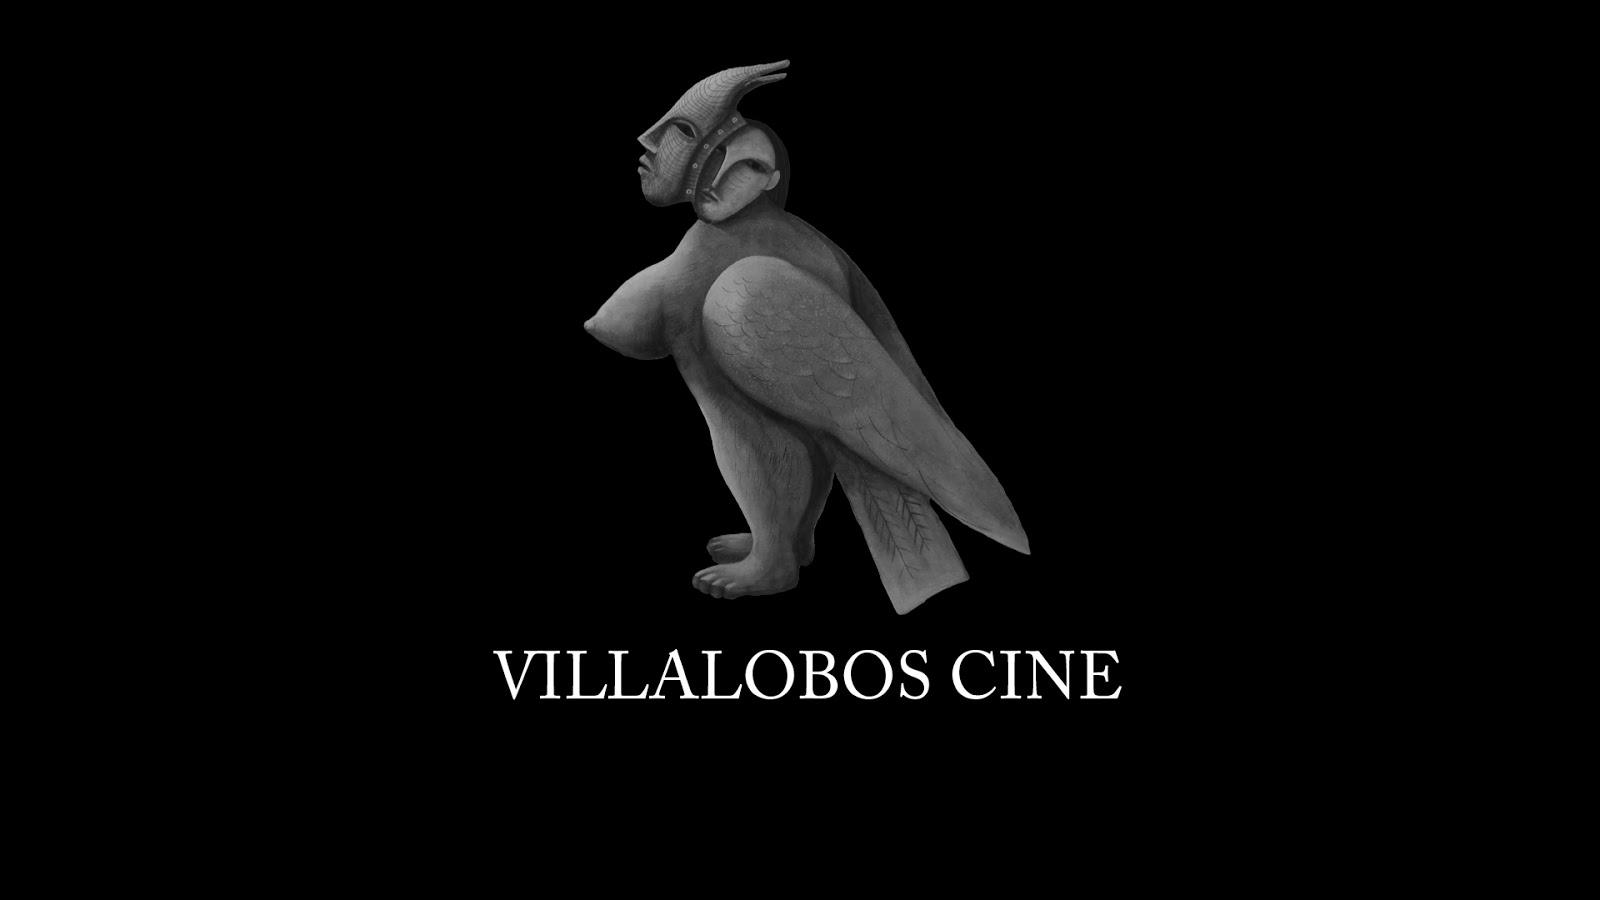 Villalobos Cine